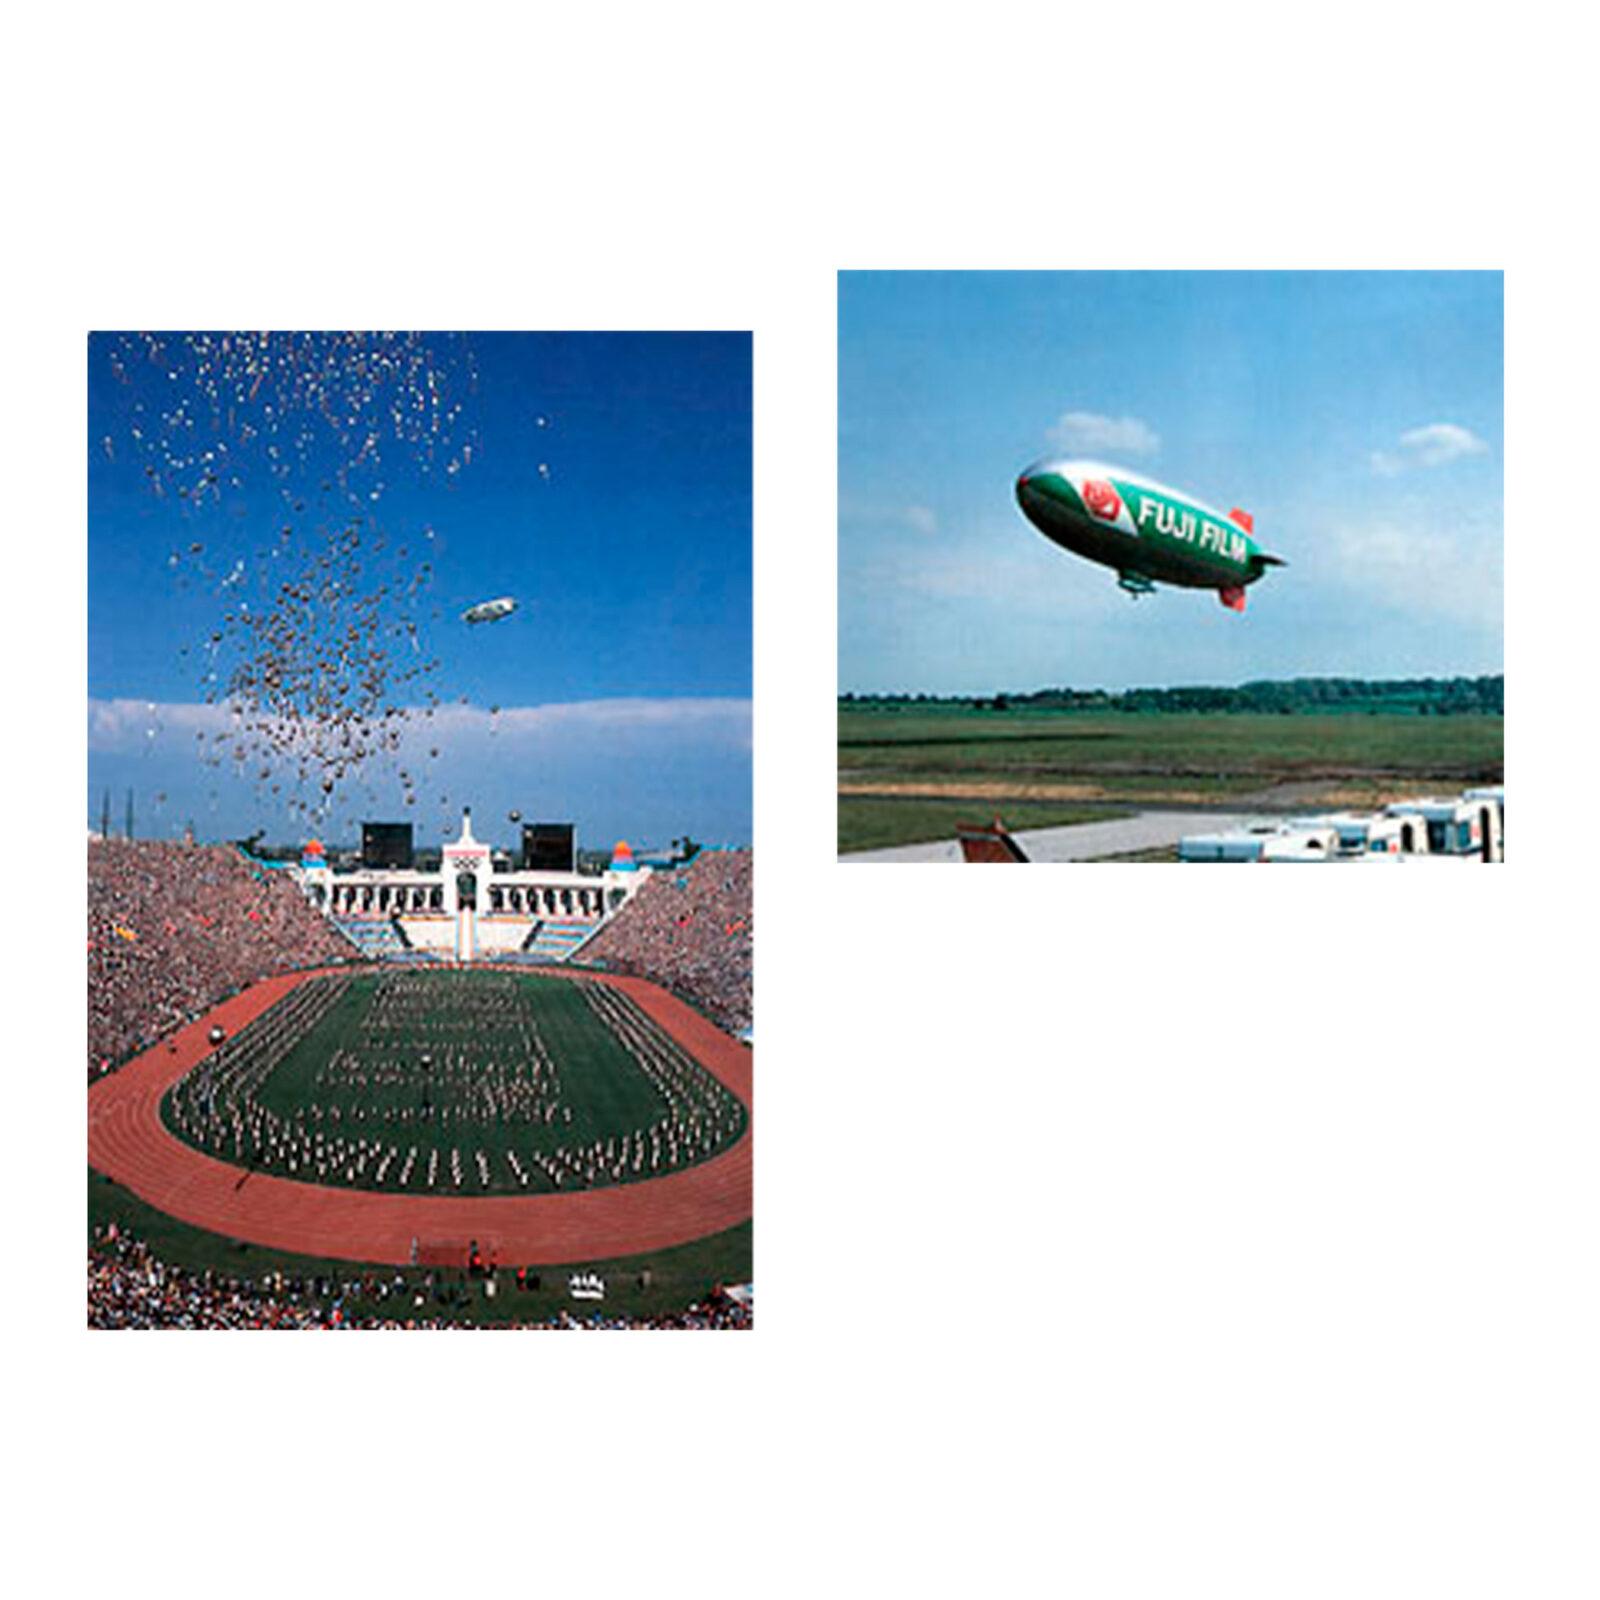 1984年、ロサンゼルスオリンピックの開会式で上空に飛行船「FUJI号」を飛ばしたりも。白抜きの文字で「WELCOME」と大書されていたとか。右の飛行船は81年にヨーロッパ各地を周遊した「DER GROSSE FUJI号」。写真提供:富士フイルム